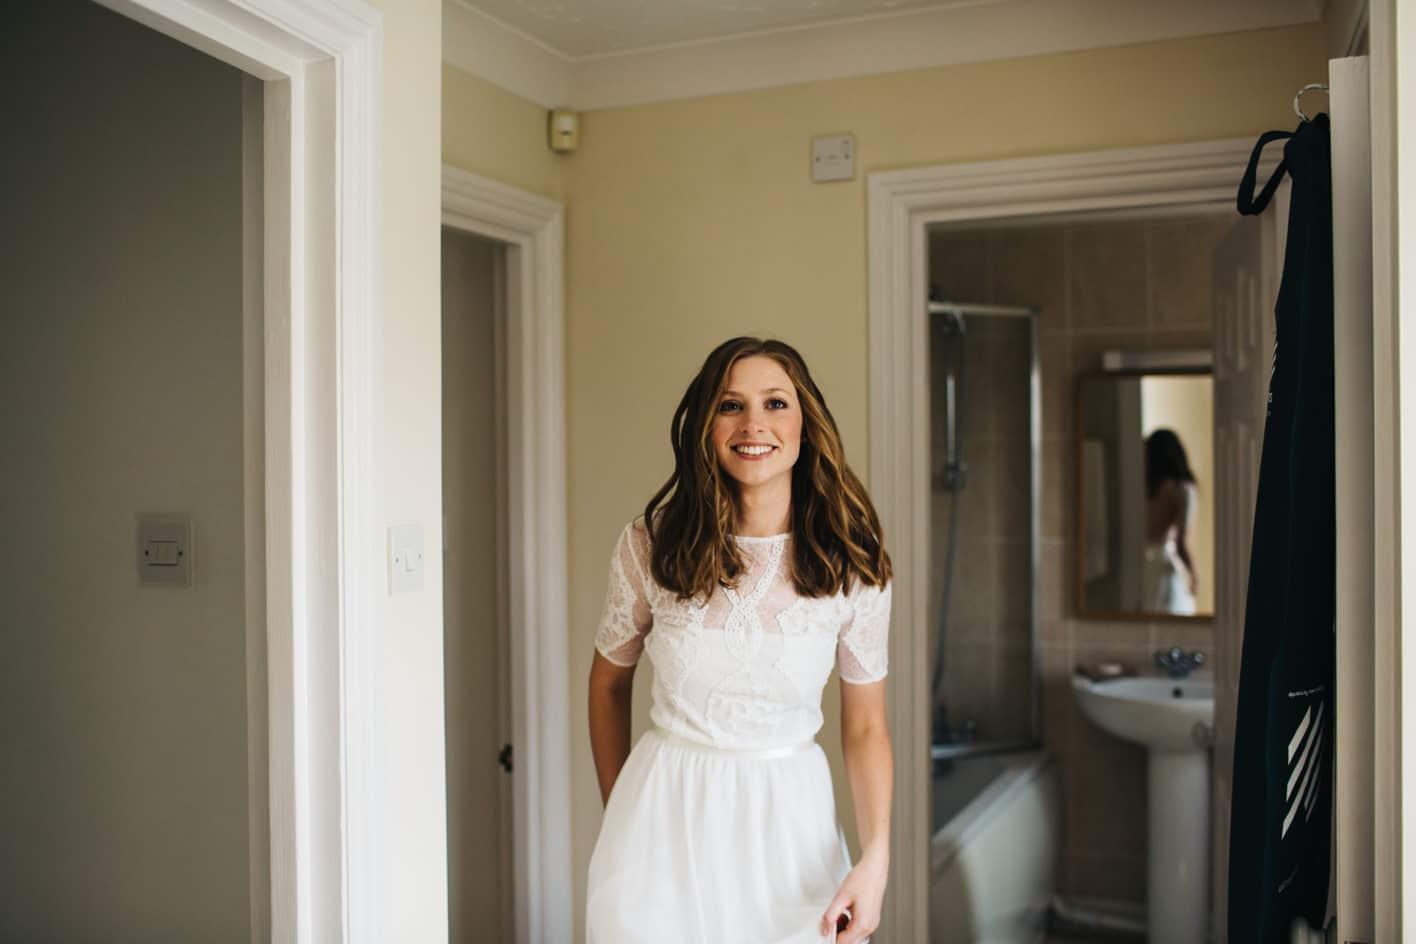 sarah wearing wedding dress